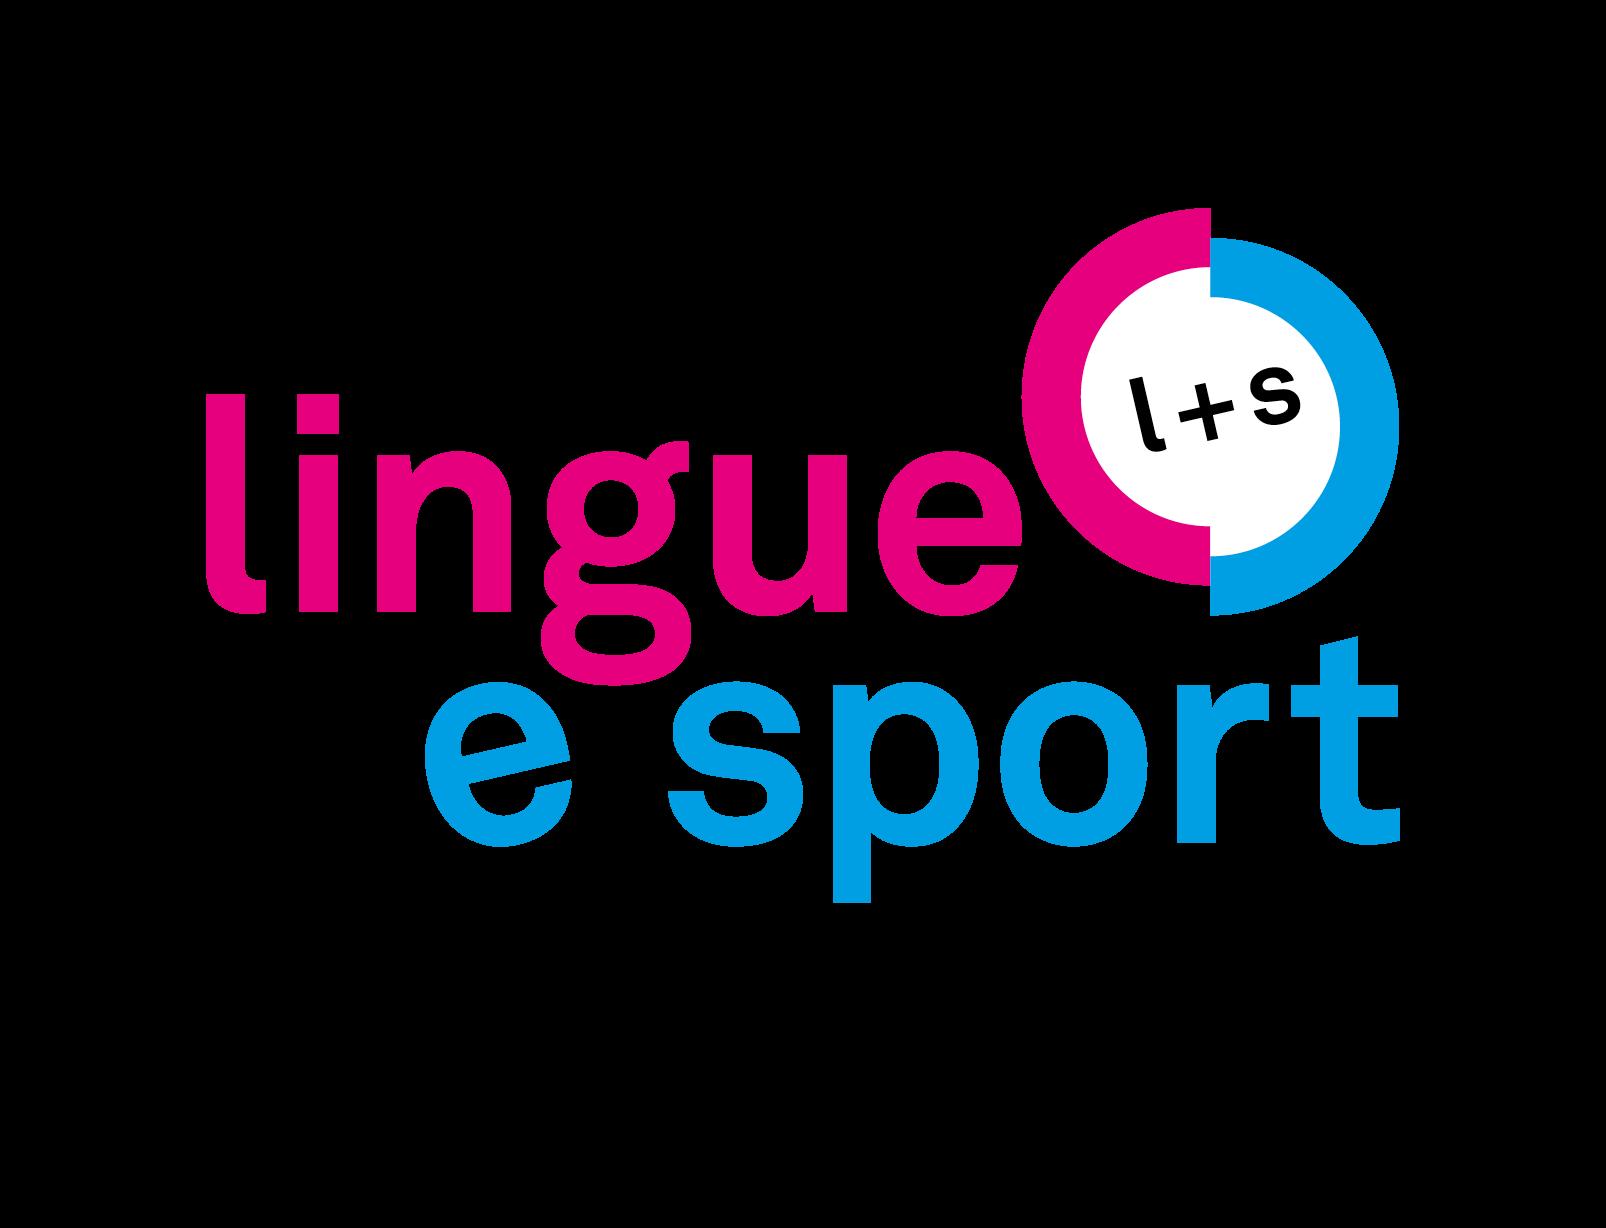 Lingue e Sport - Mendrisio